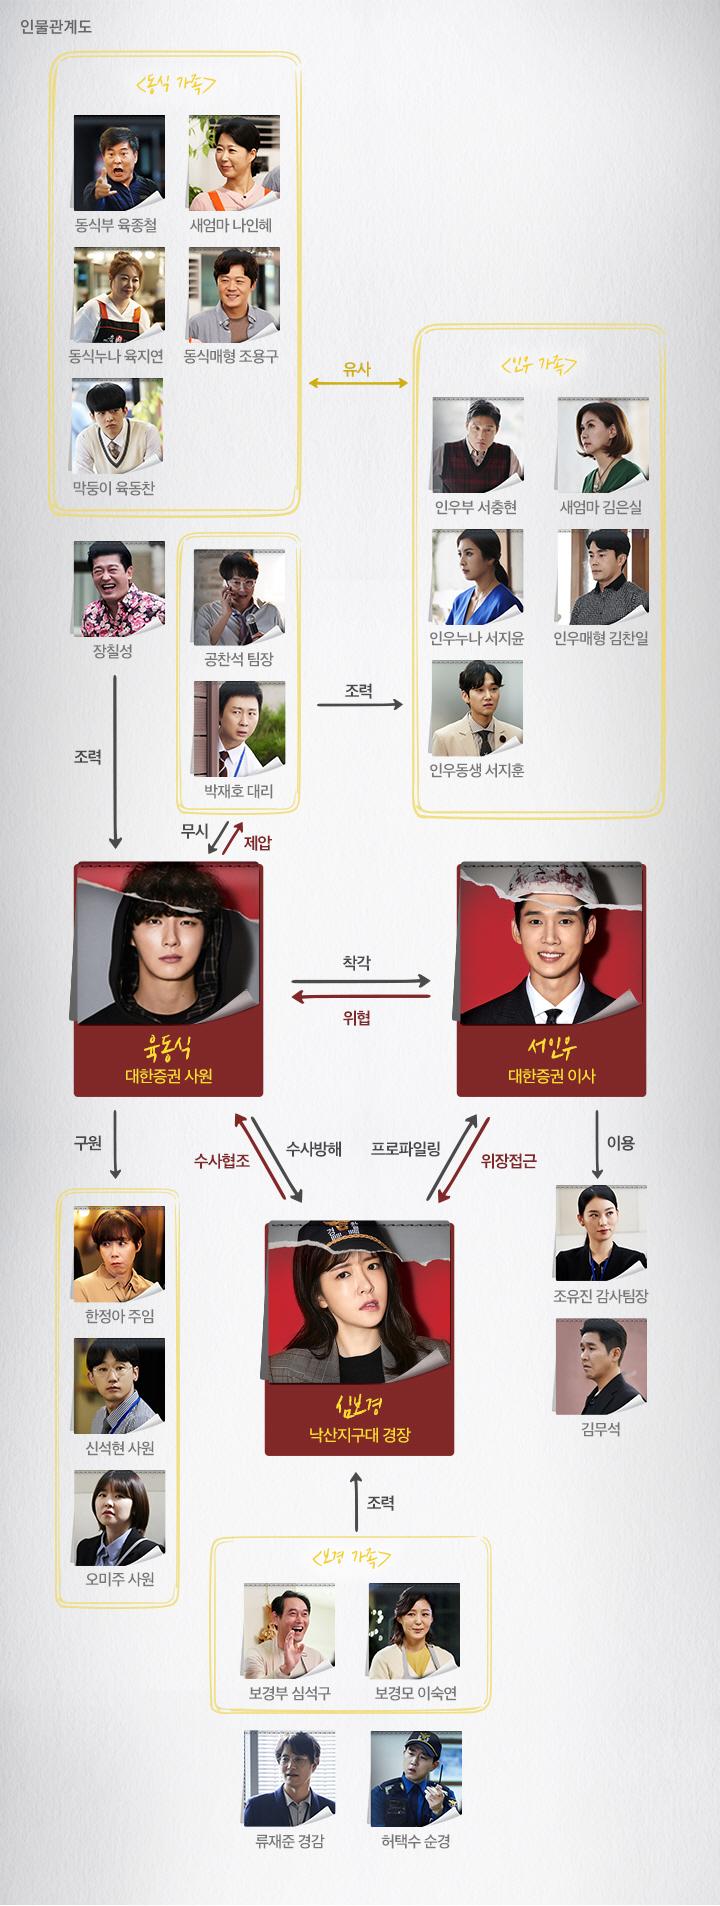 tvN 드라마 '싸이코패스 다이어리' 인물관계도(출처: 공식홈페이지)